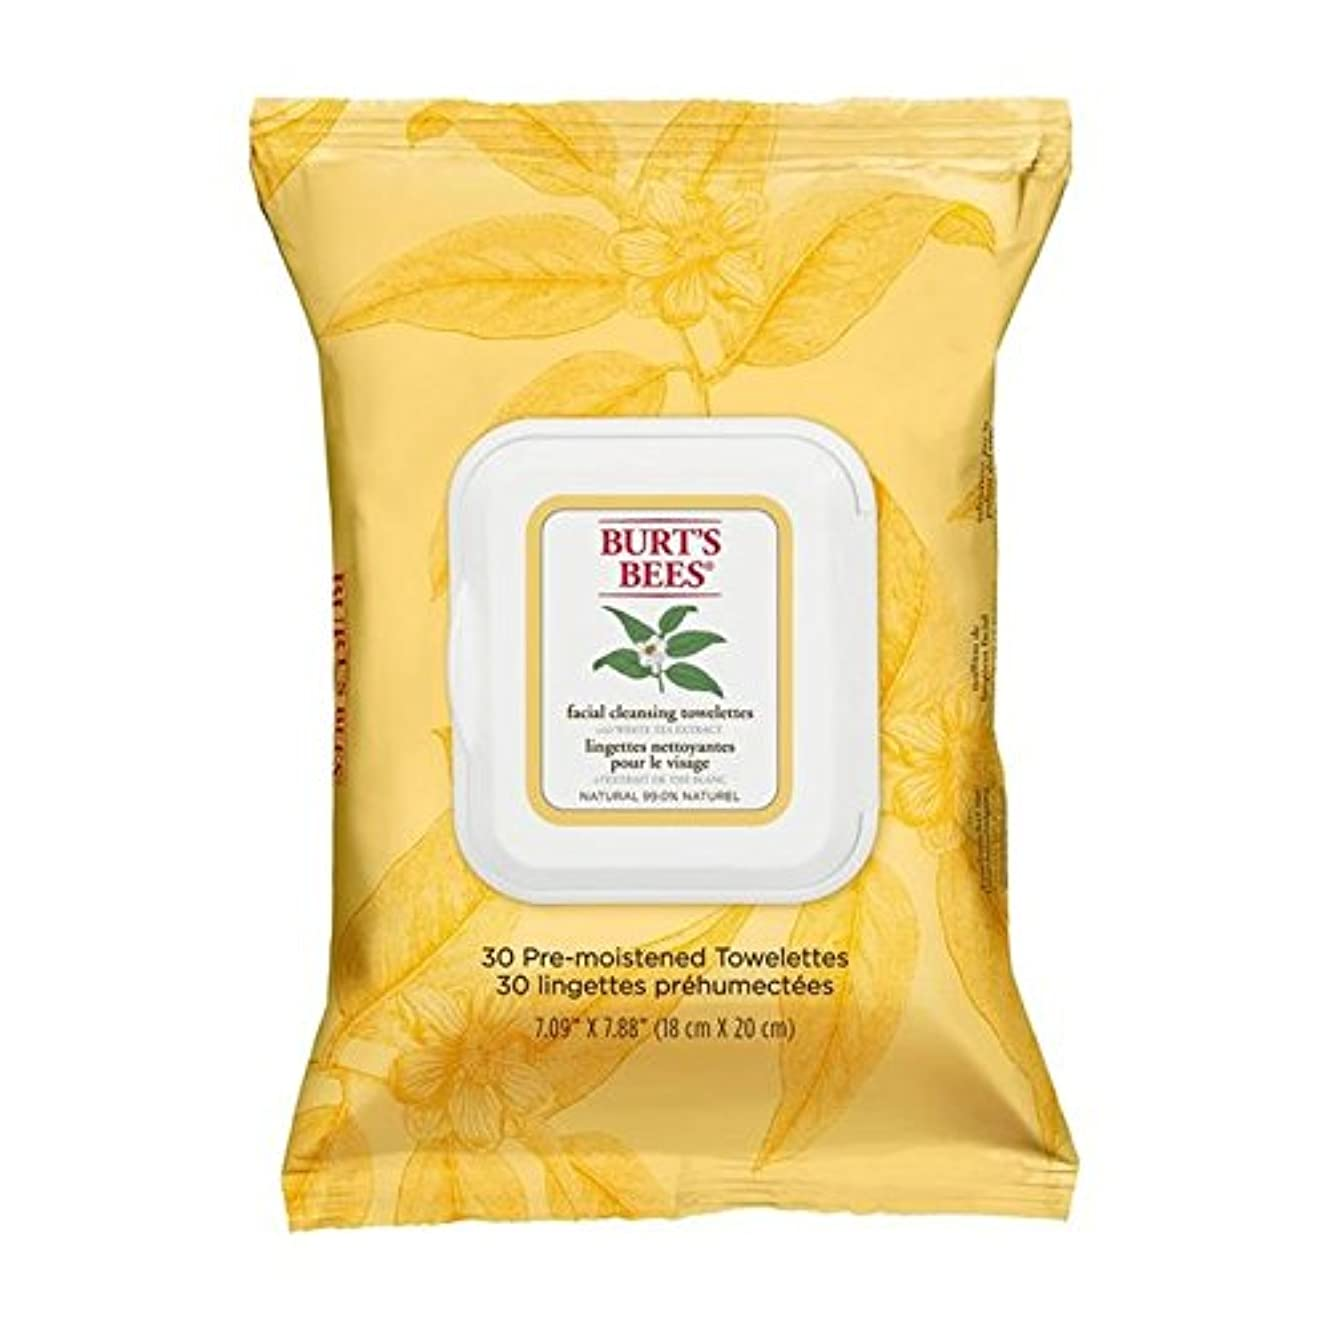 ステートメント振り向く幻影Burt's Bees Facial Cleansing Towelettes with White Tea Extract (Pack of 6) - ホワイトティーエキスとバーツビー洗顔ペーパータオル x6 [並行輸入品]